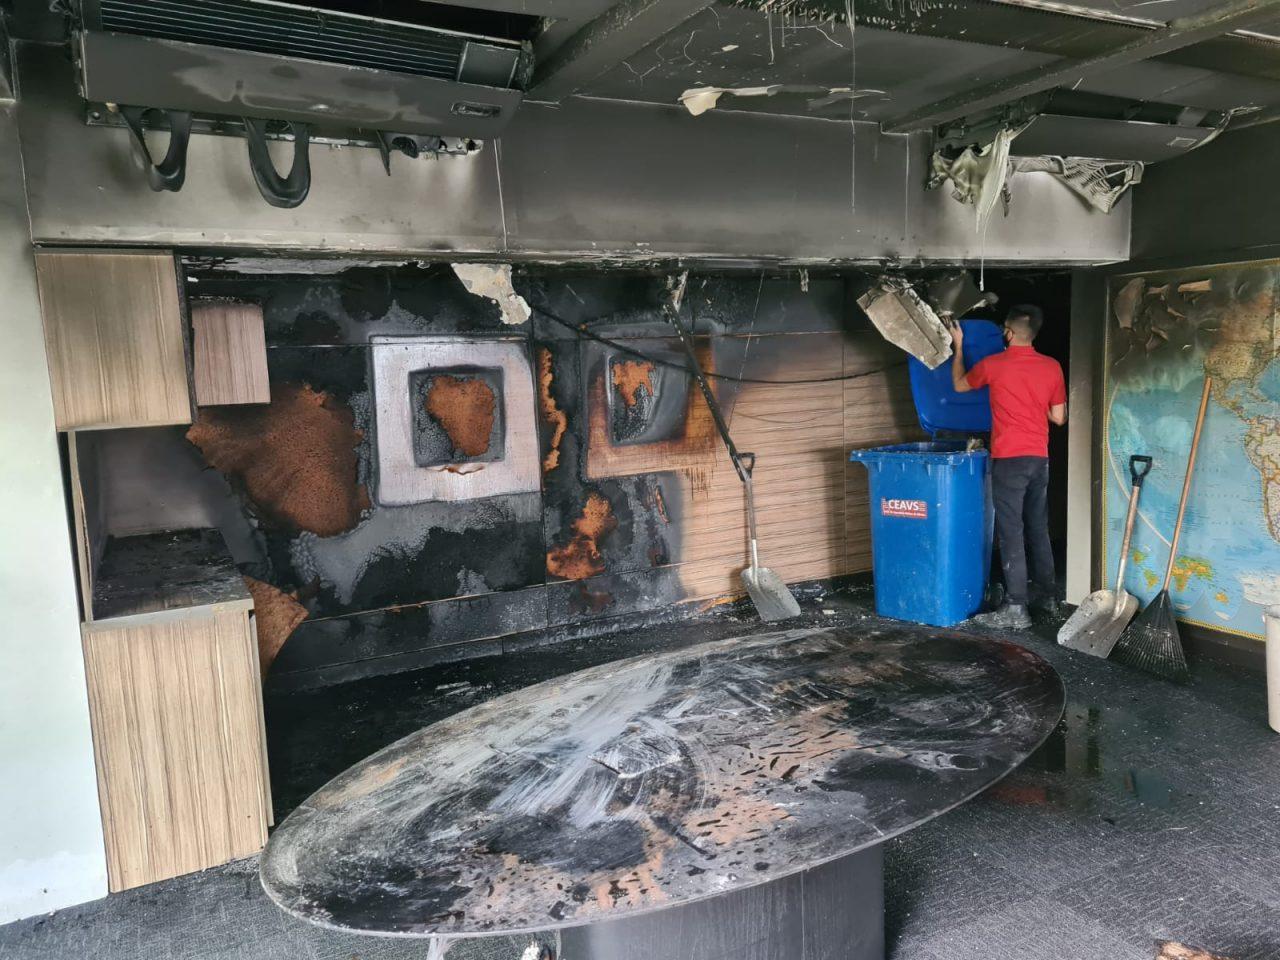 d981d51c ba86 4e91 af5c f5b1e3119153 scaled - SUSTO: incêndio atinge prédio da FIEP, em Campina Grande; ninguém ficou ferido - VEJA VÍDEOS